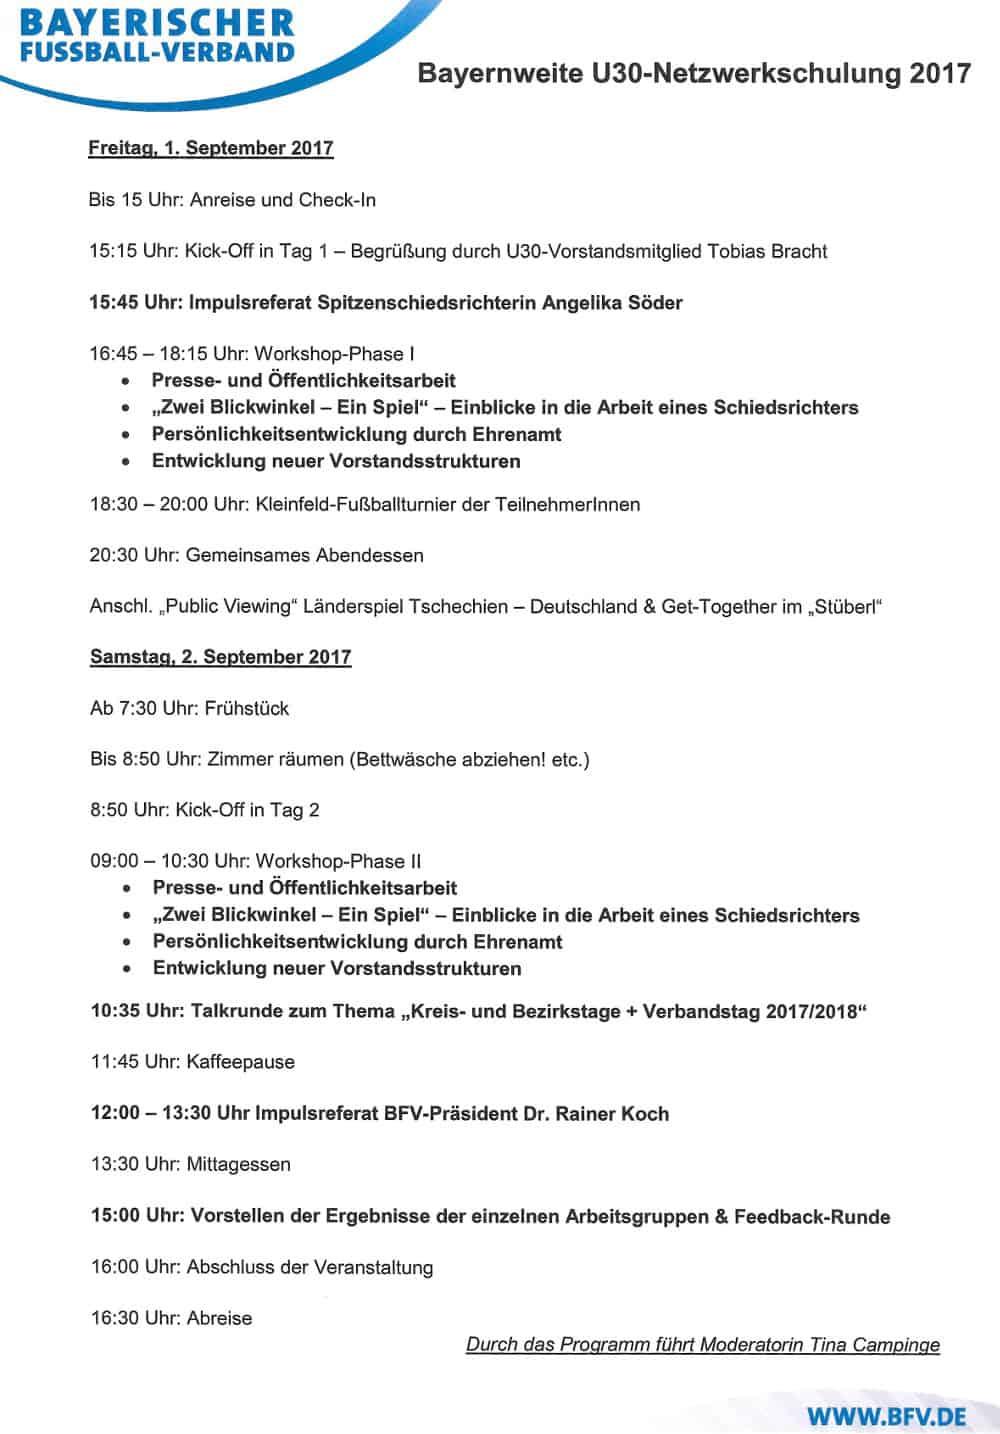 Programmablauf des 2. U30 Netzwerktreffen vom 01. bis 02. September 2017